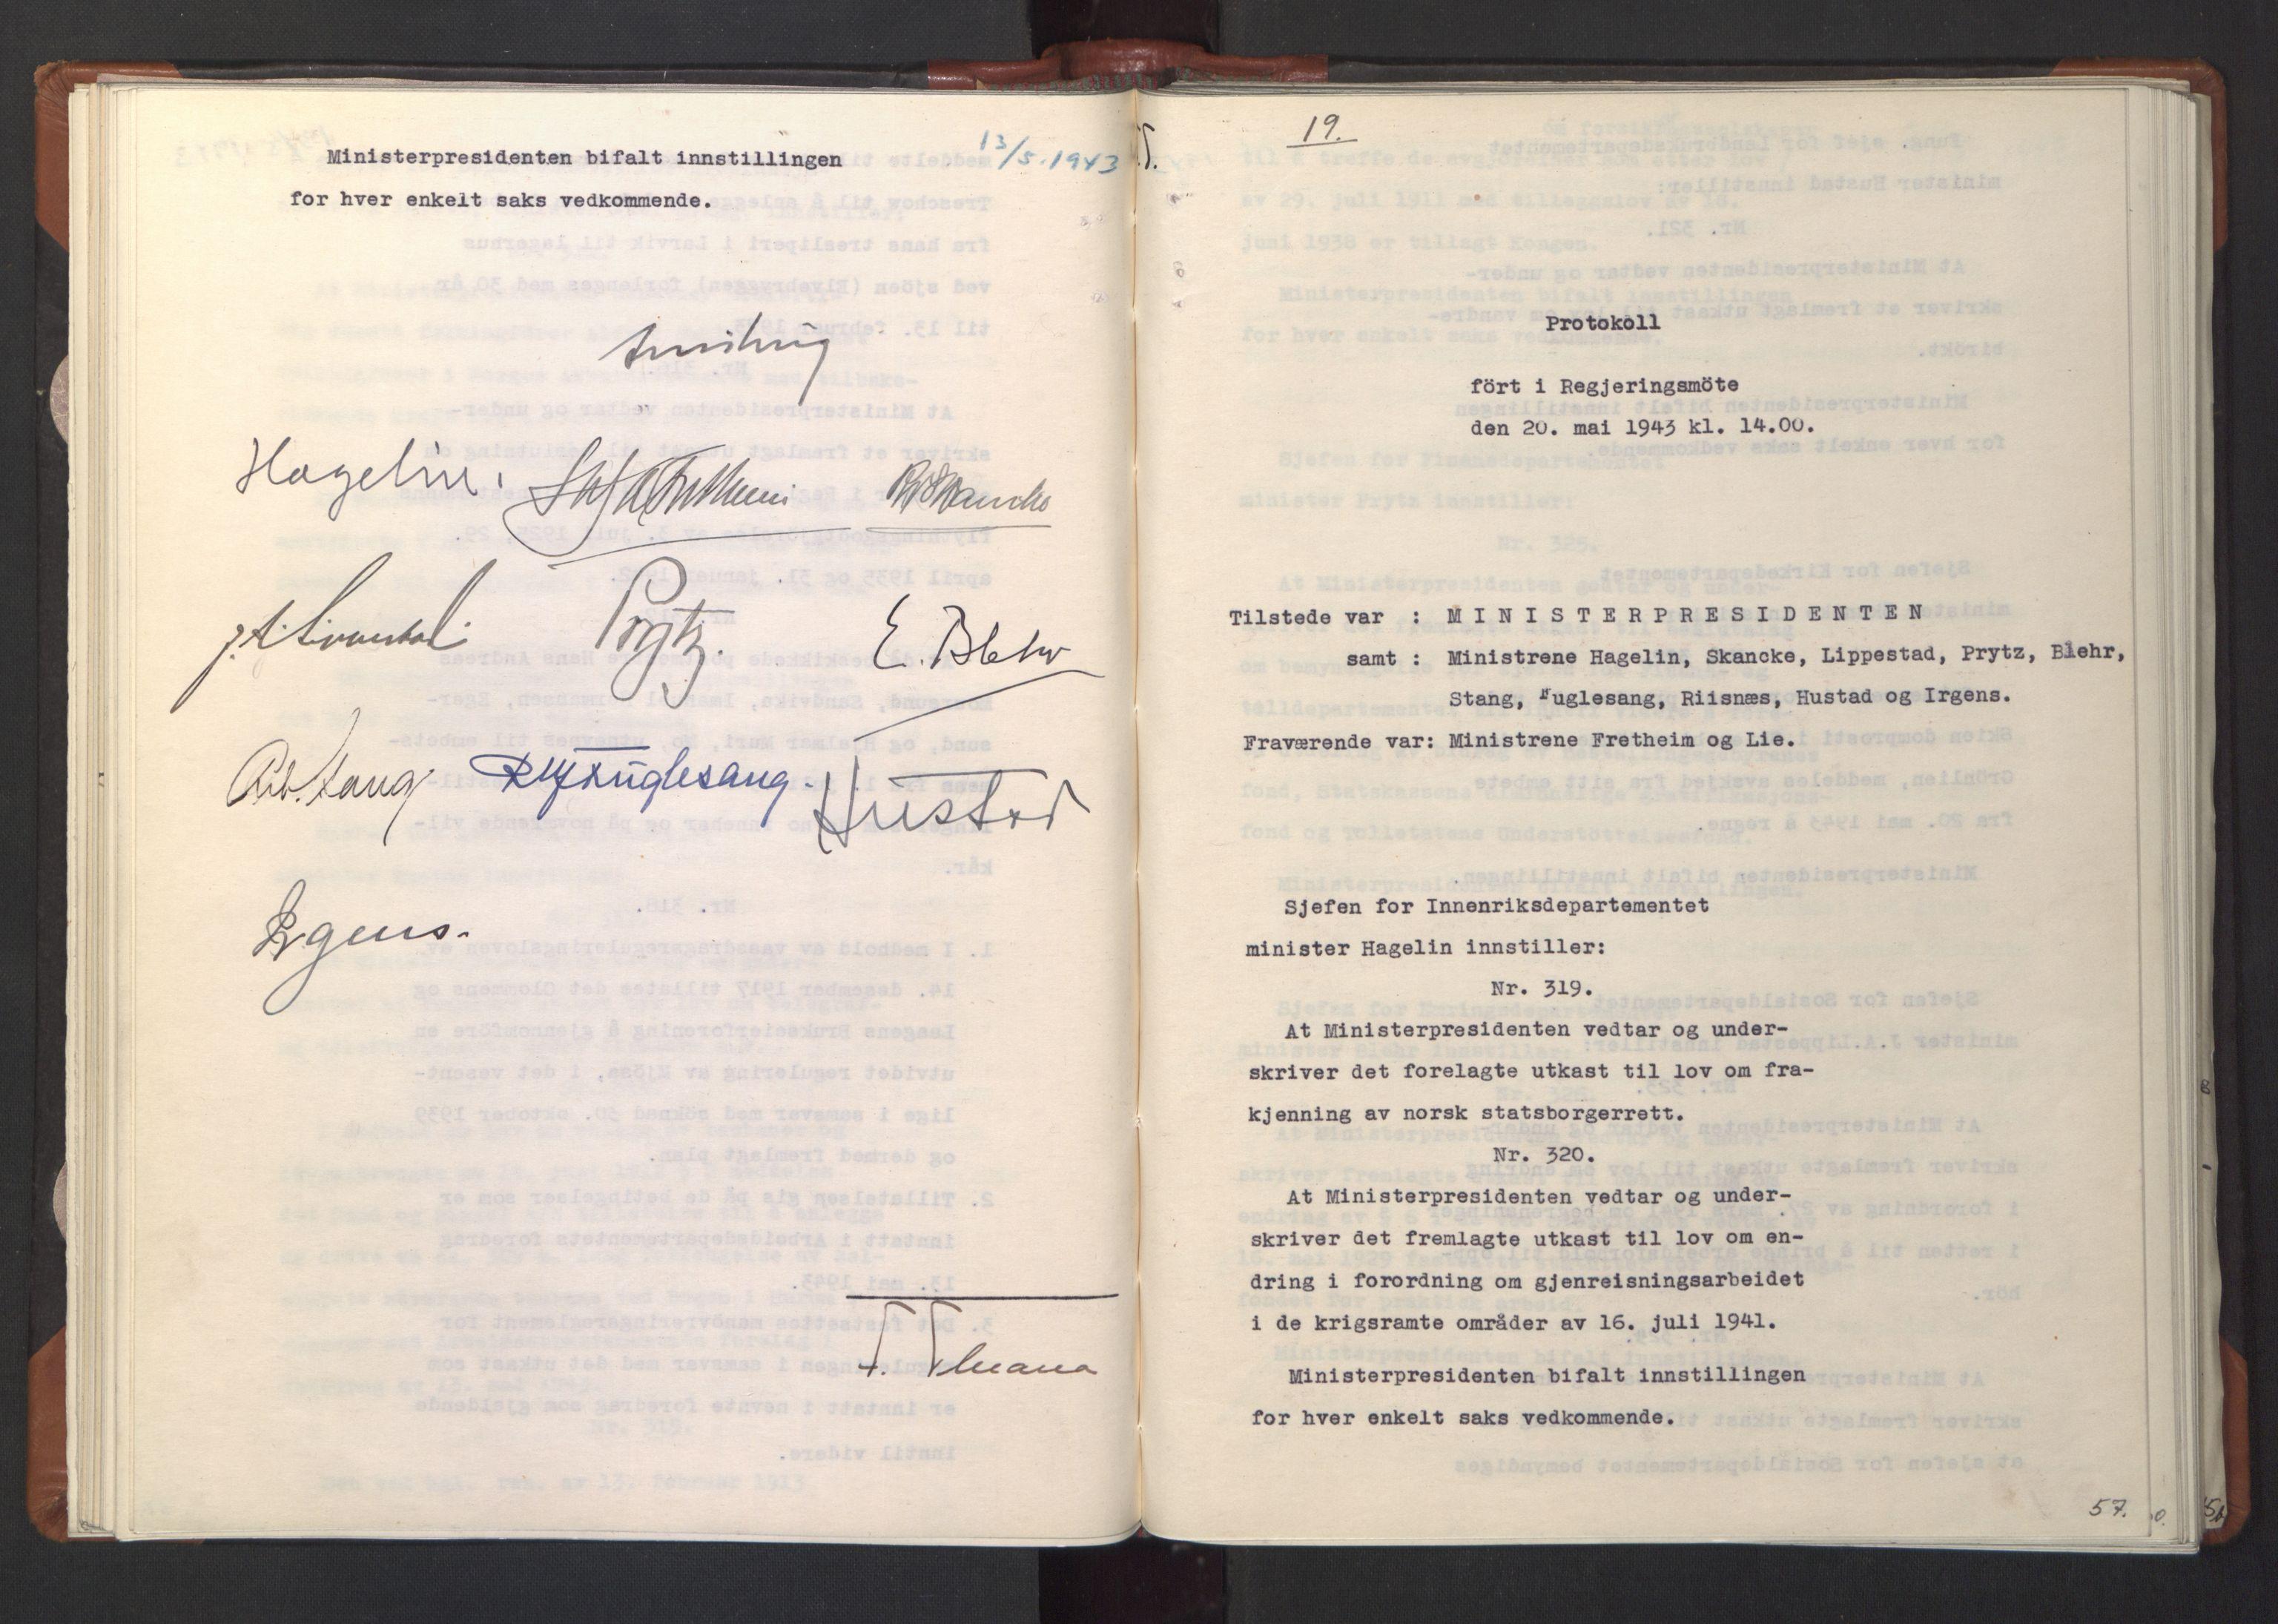 RA, NS-administrasjonen 1940-1945 (Statsrådsekretariatet, de kommisariske statsråder mm), D/Da/L0003: Vedtak (Beslutninger) nr. 1-746 og tillegg nr. 1-47 (RA. j.nr. 1394/1944, tilgangsnr. 8/1944, 1943, s. 56b-57a